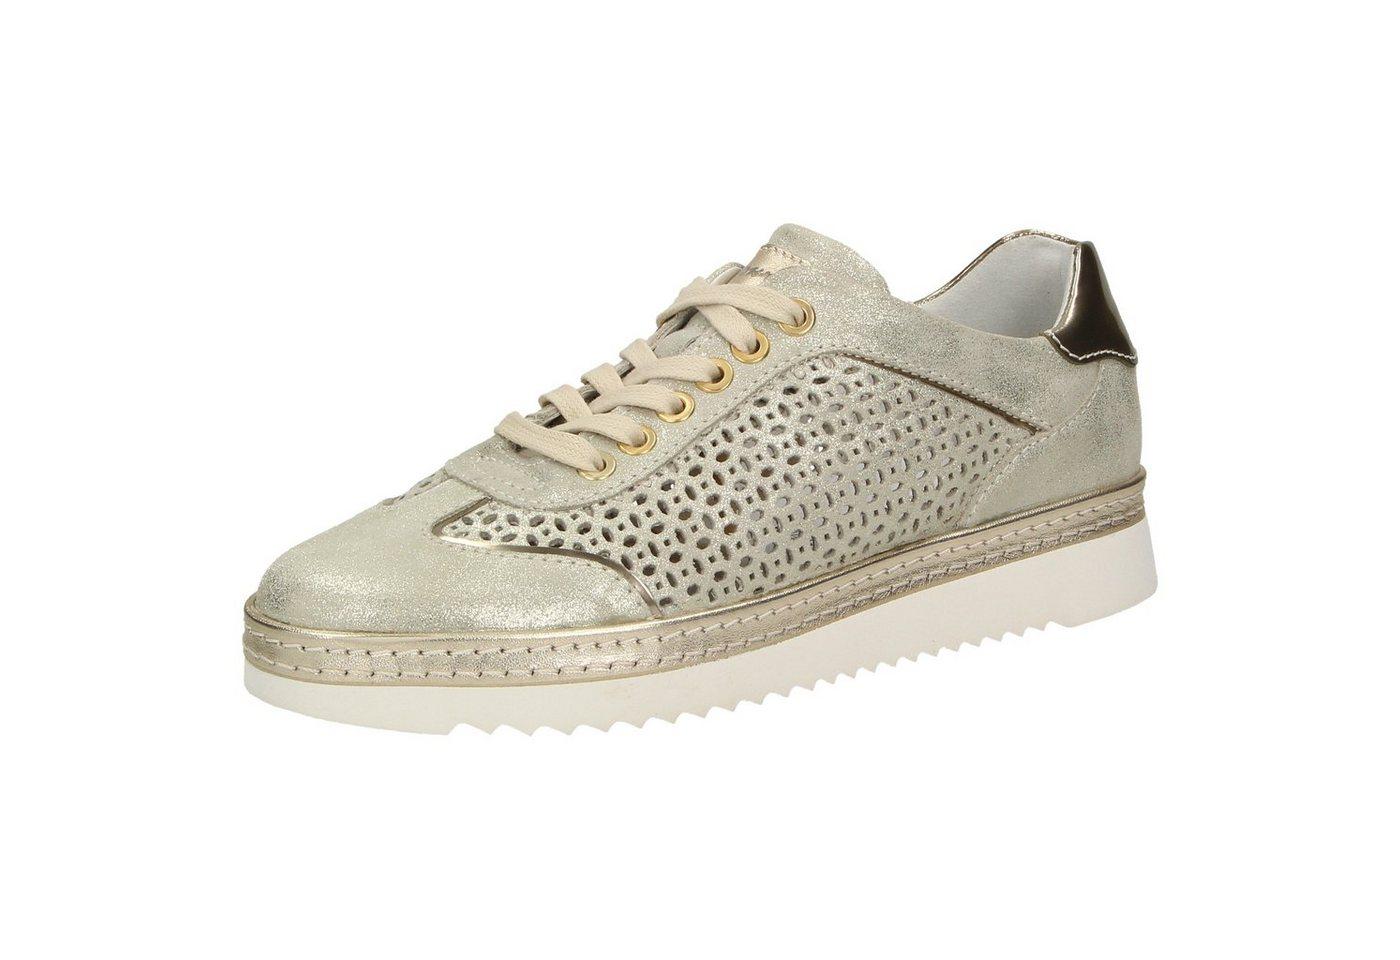 Damen SIOUX Oxiria-702-XL Sneaker  | 04054765420500